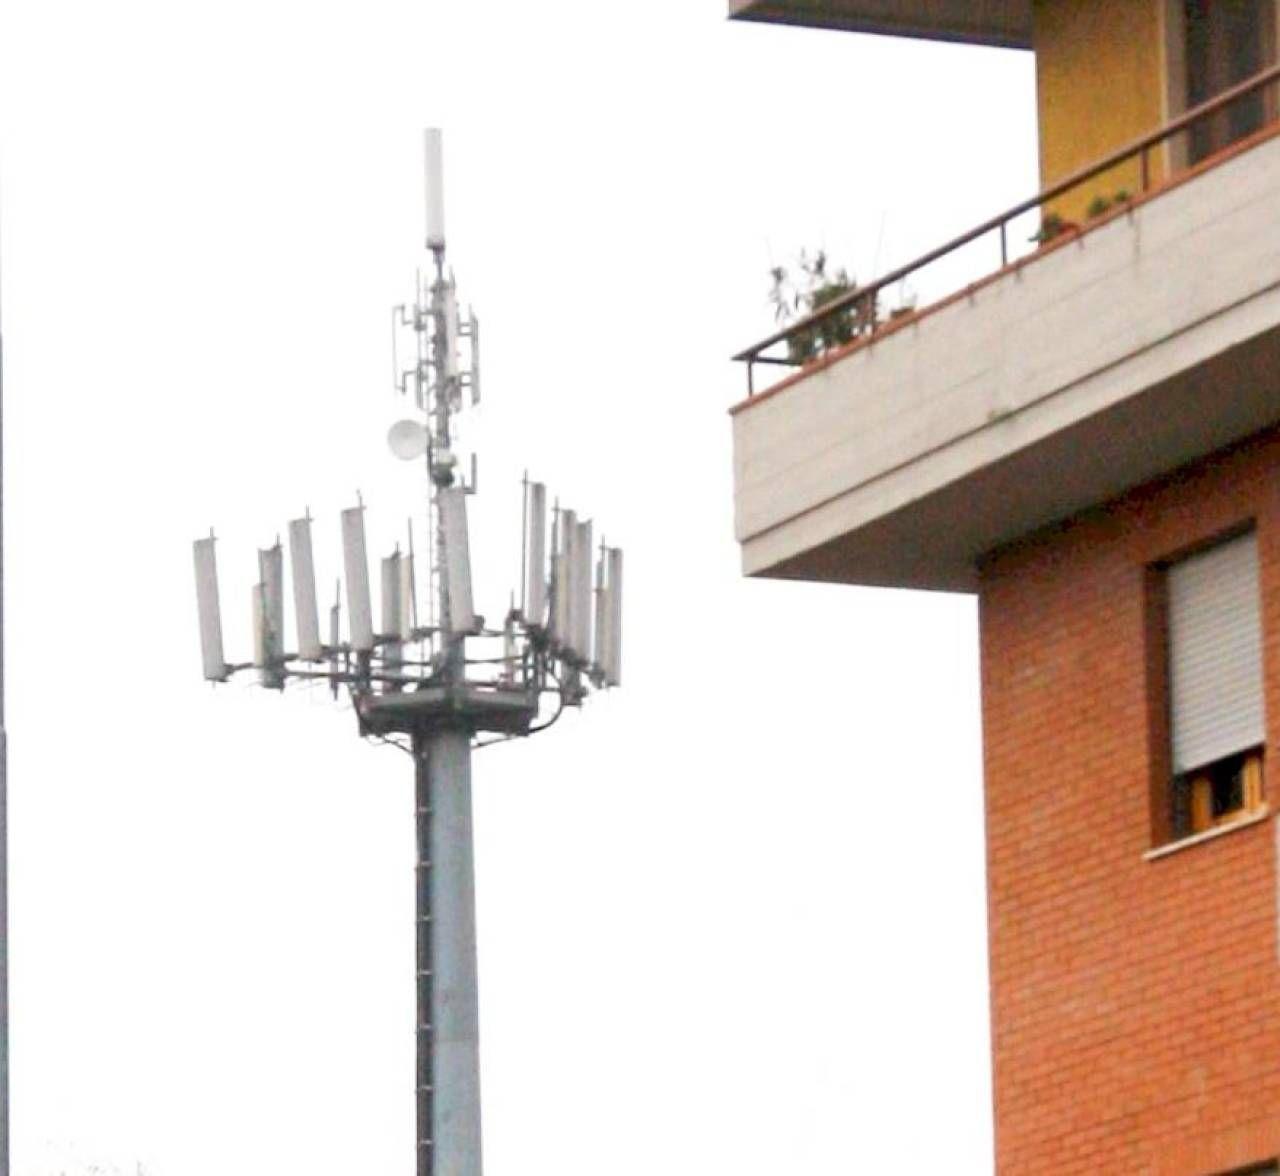 Un'antenna per il sistema. 5G nelle vicinanze di un condominio